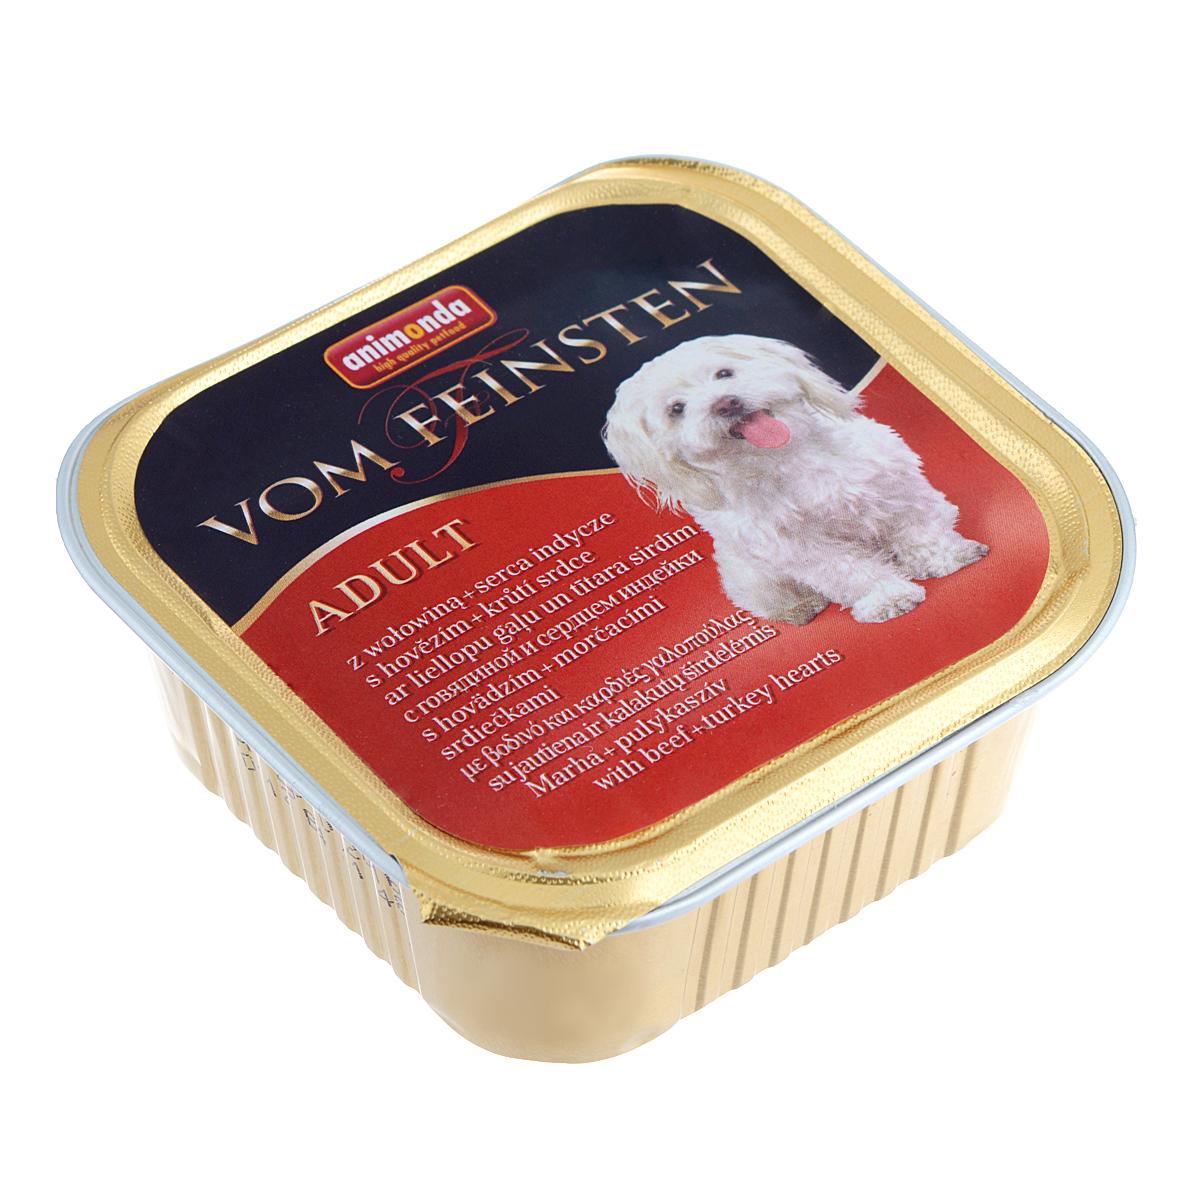 Консервы Animonda Vom Feinsten для взрослых собак, с говядиной и сердцем индейки, 150 г46676Консервы Animonda Vom Feinsten - блюда для гурманов в собачьем мире, консервы, представлены многообразием мясных блюд. Приготовленные из тщательно отобранных сортов мяса, они внесут приятное разнообразие в меню вашей собаки, а также обеспечат прекрасное состояние здоровья и внешнего вида. Состав: мясо и мясные продукты 63% (говядина 35%, свинина, сердце индейки 8%),бульон, минералы.Анализ: белок 10,5%, жир 4,5%, клетчатка 0,4%, зола 2,5%, влажность 81%. Добавки (на 1 кг продукта): витамин D3 120 МЕ, витамин Е (a-токоферол) 15 мг.Вес: 150 г.Товар сертифицирован.